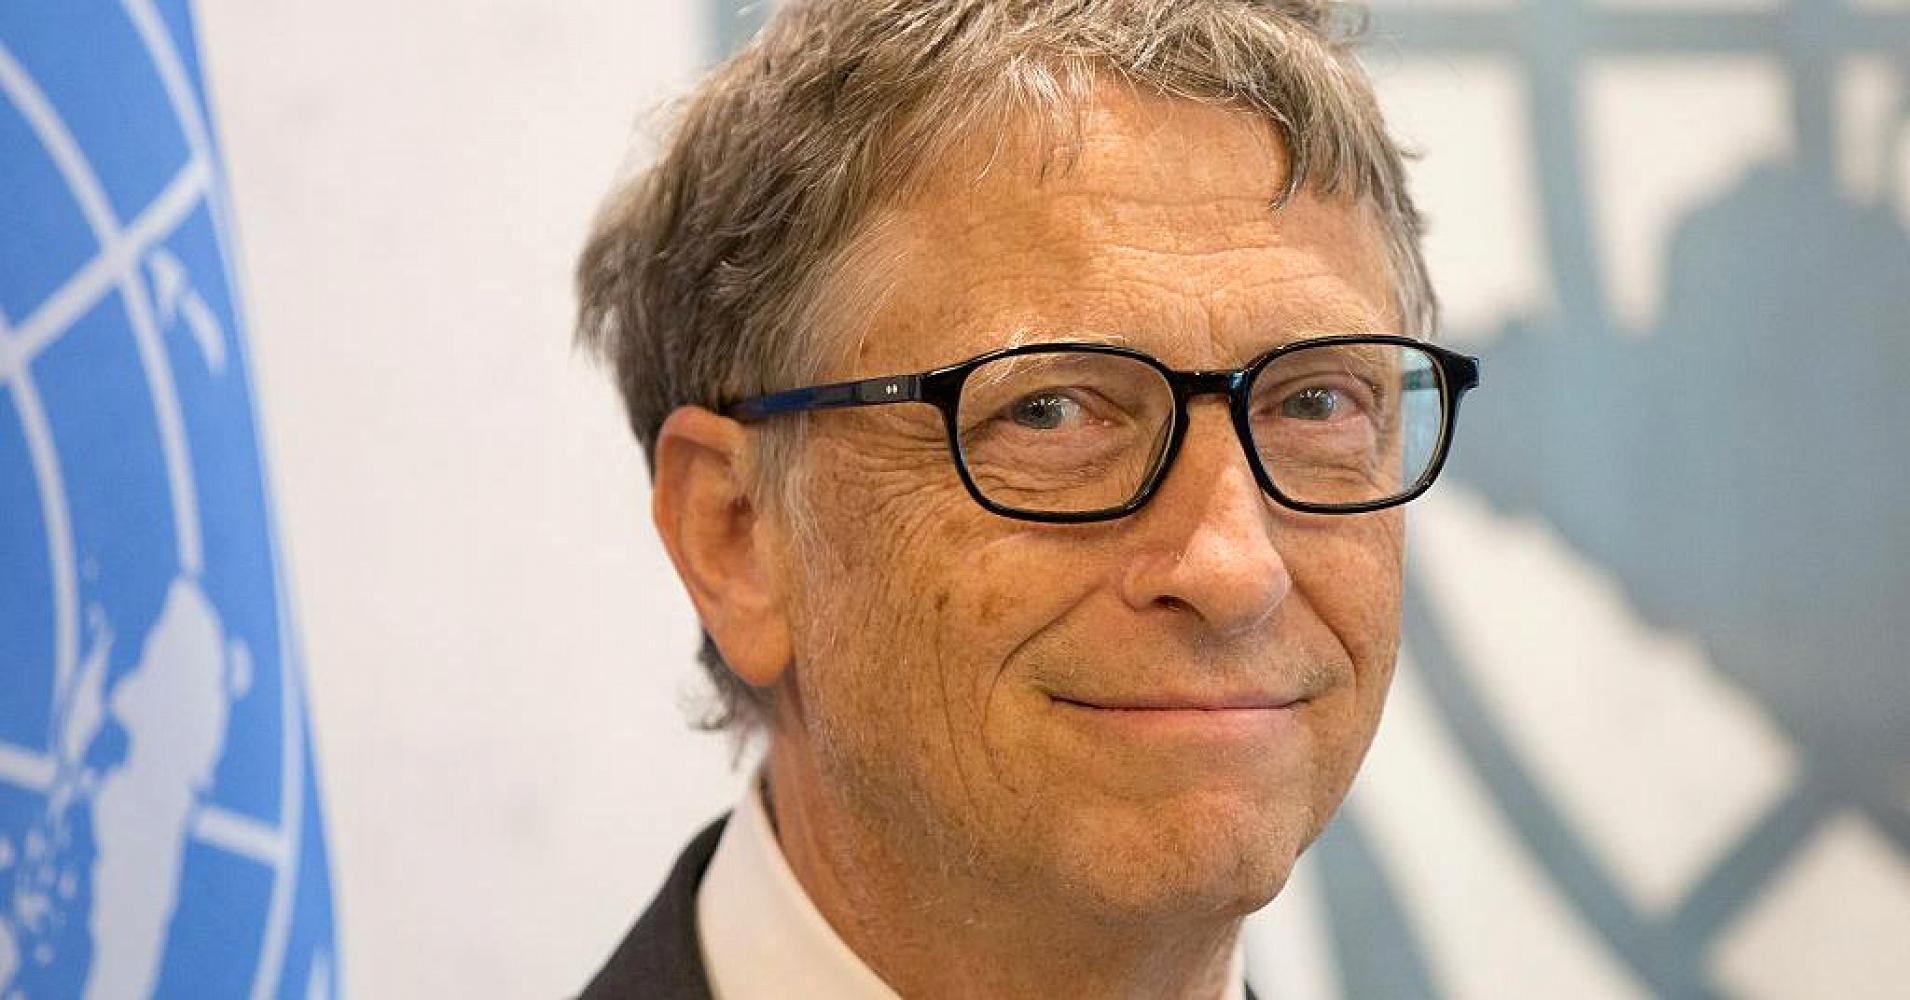 Bill Gates - Fondation Bill et Melinda Gates et aide au développement